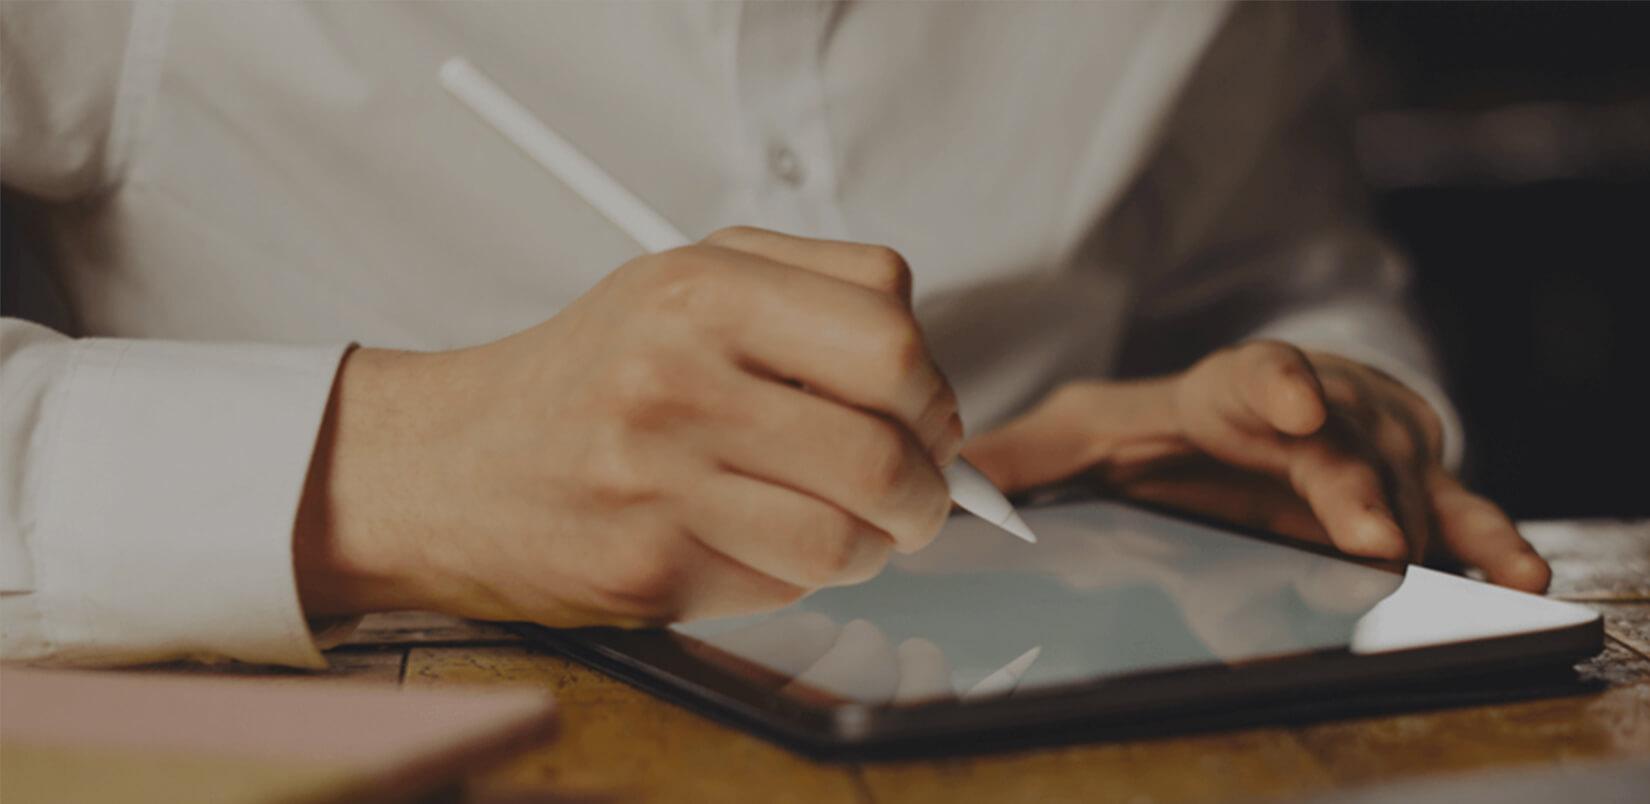 4_Signaturen.jpg@2x